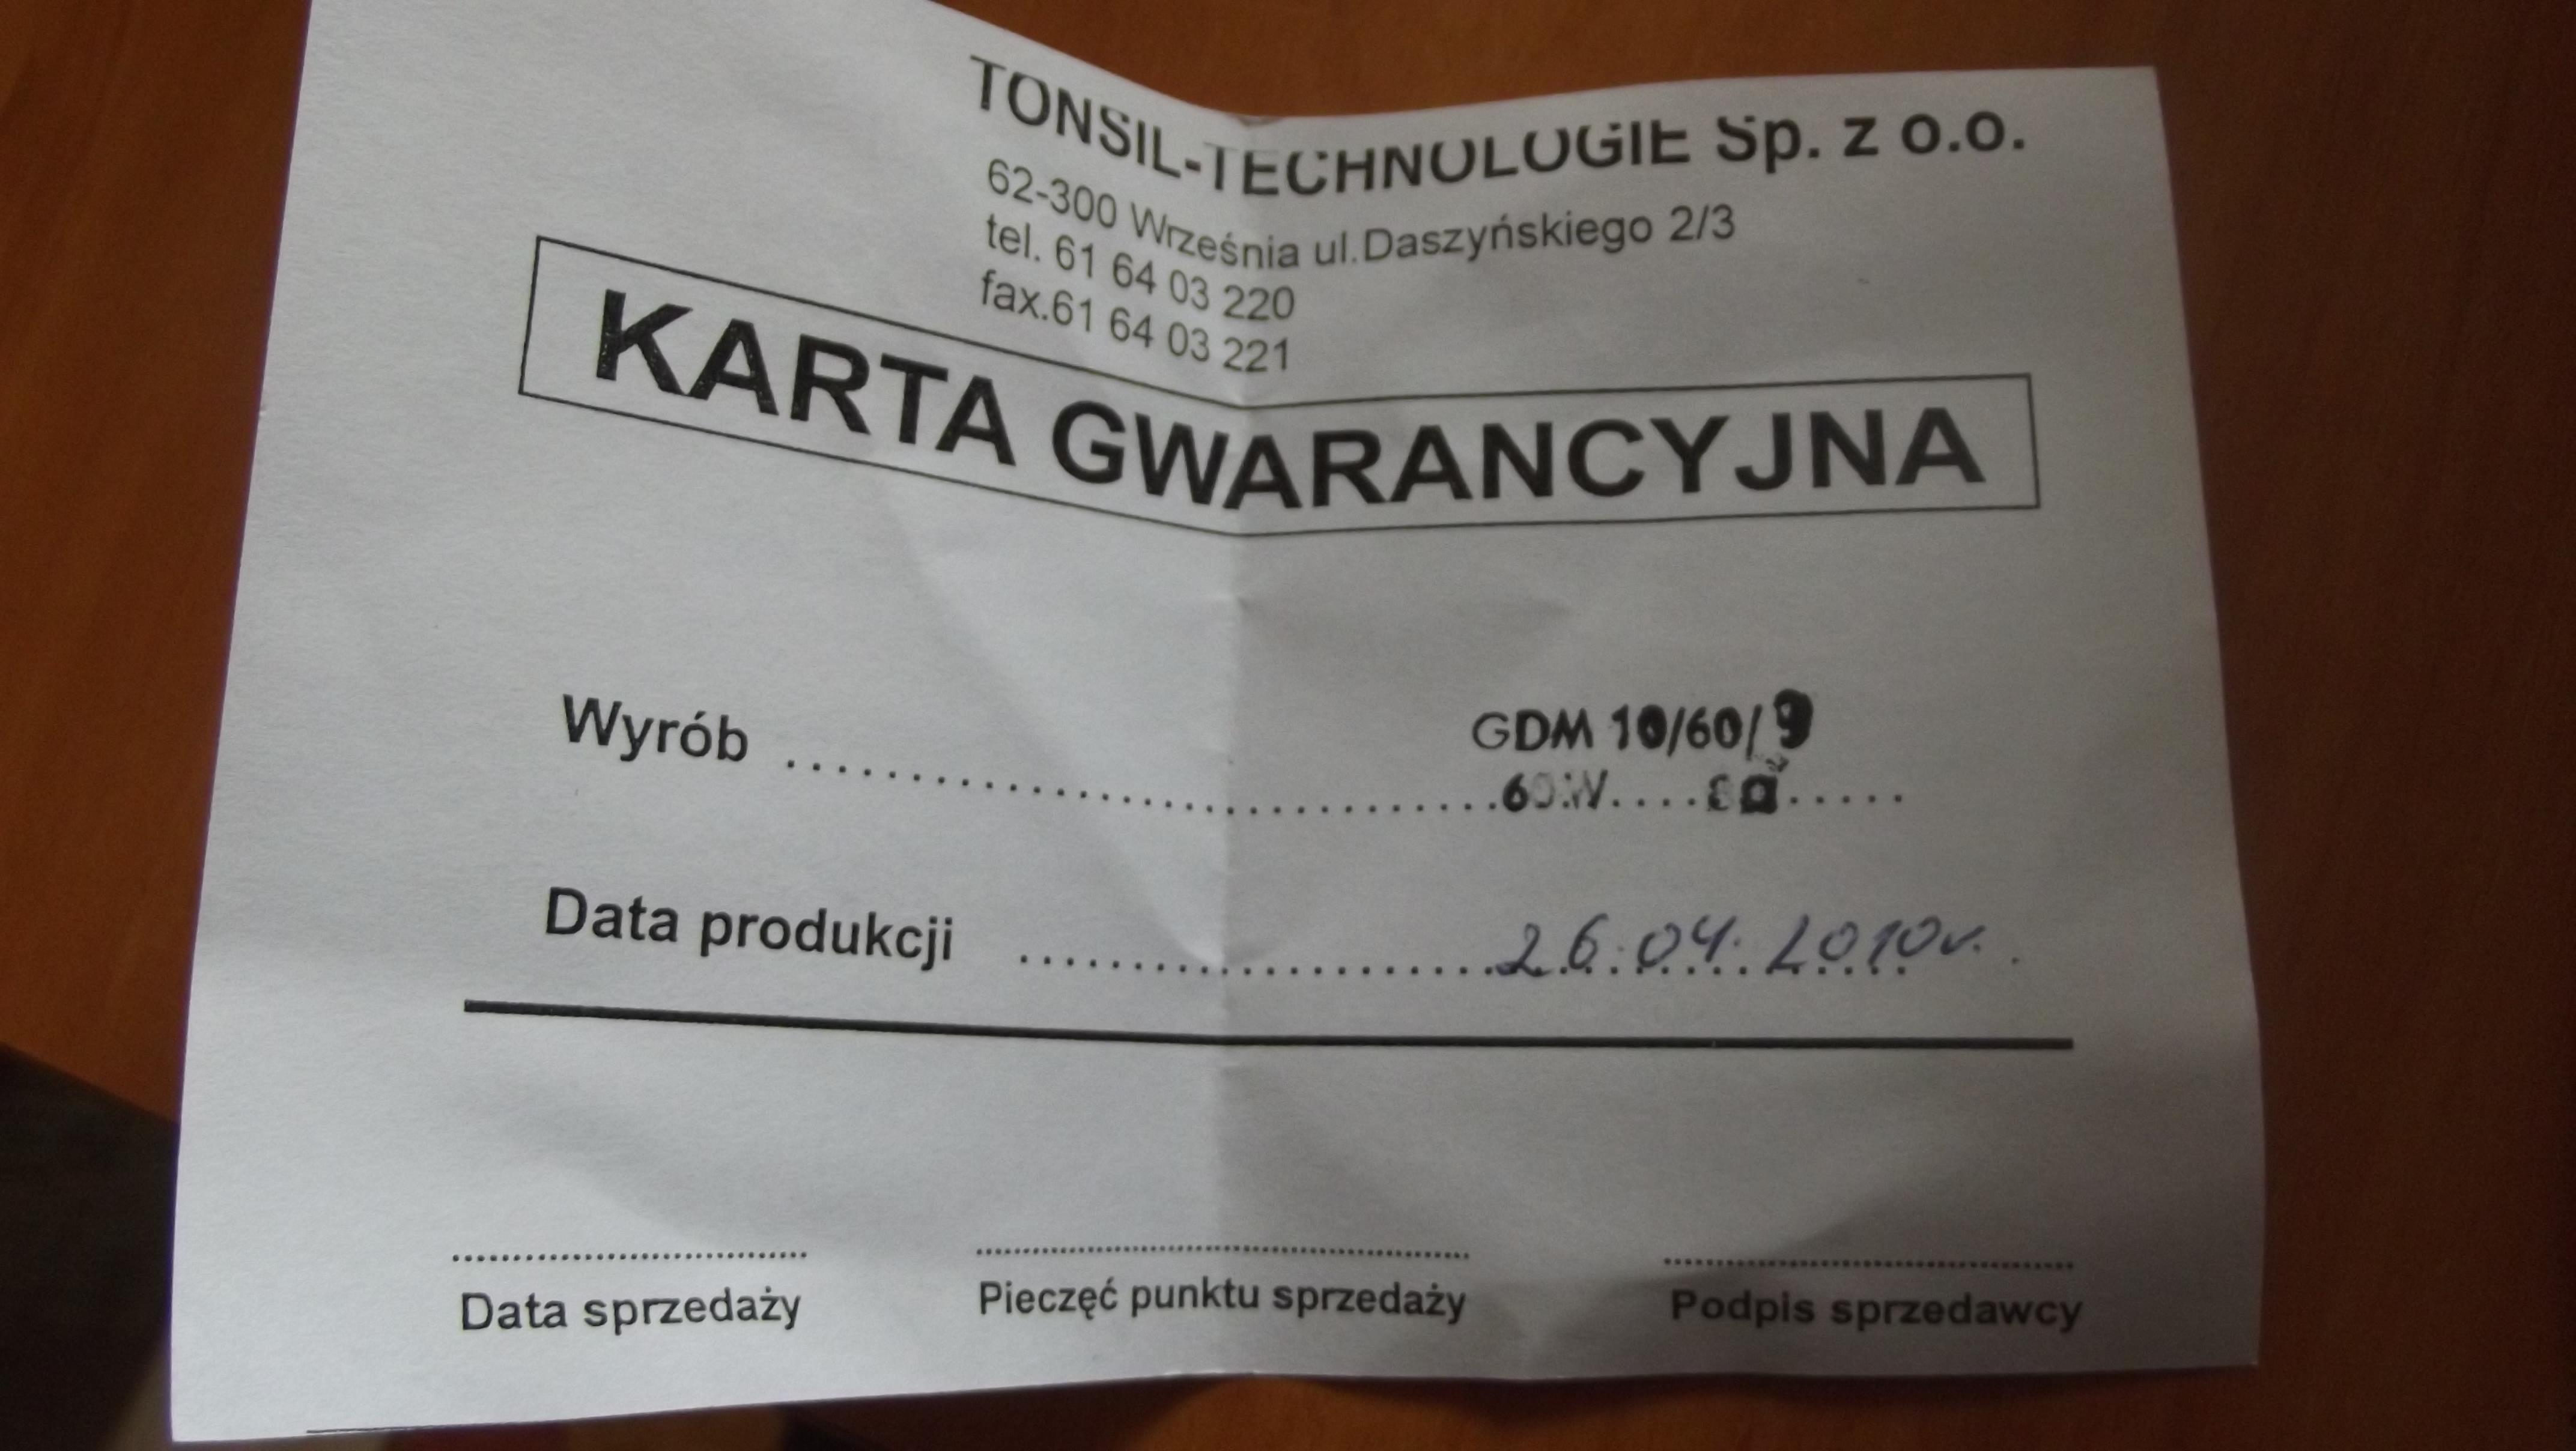 [Sprzedam] GDM Tonsil 10/60/9 8ohm 60W